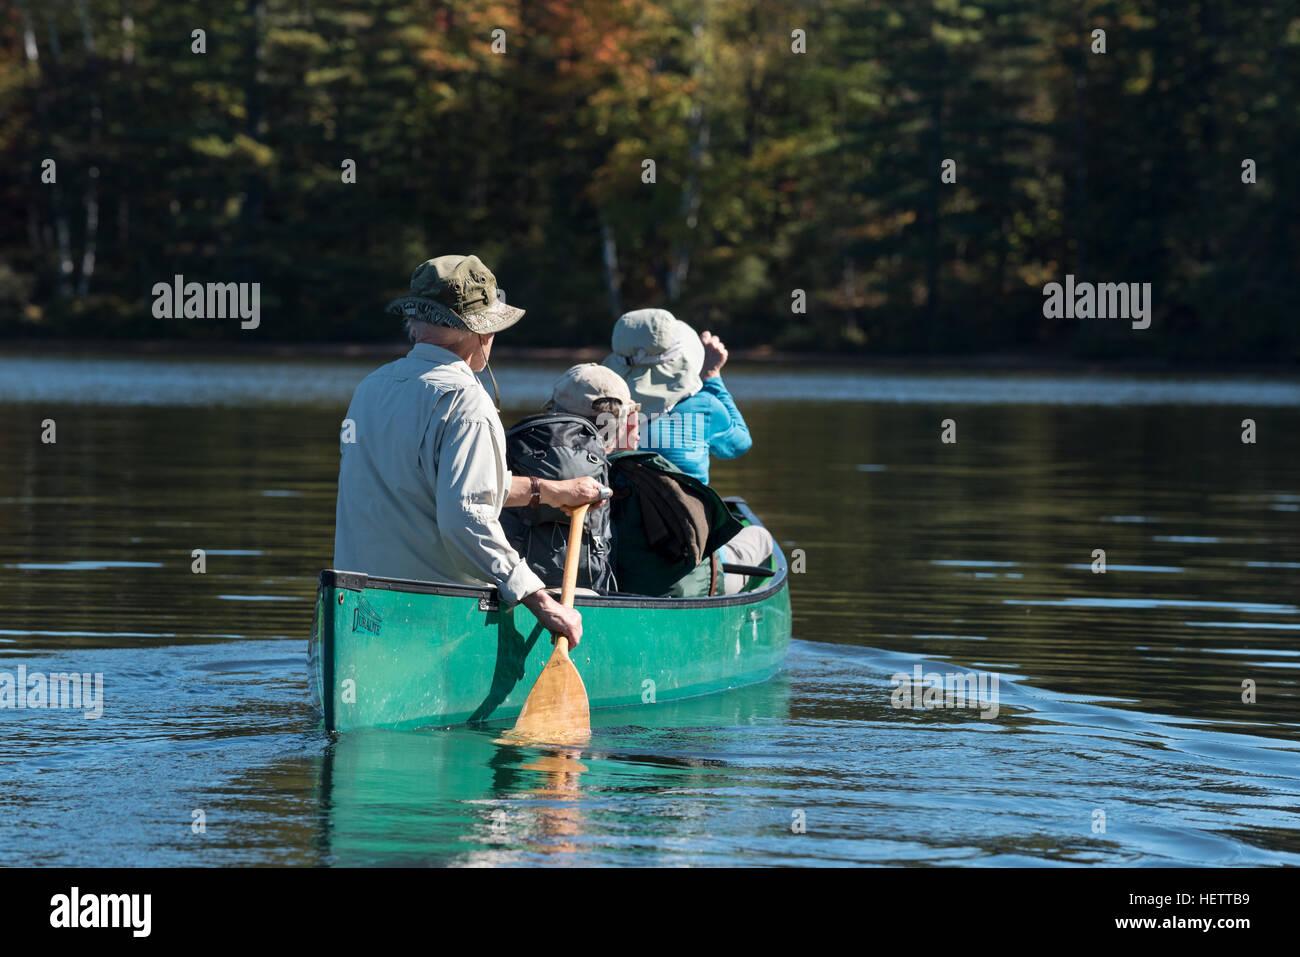 Canoa in St. Regis Canoe Area di Adirondack State Park, New York. Foto Stock